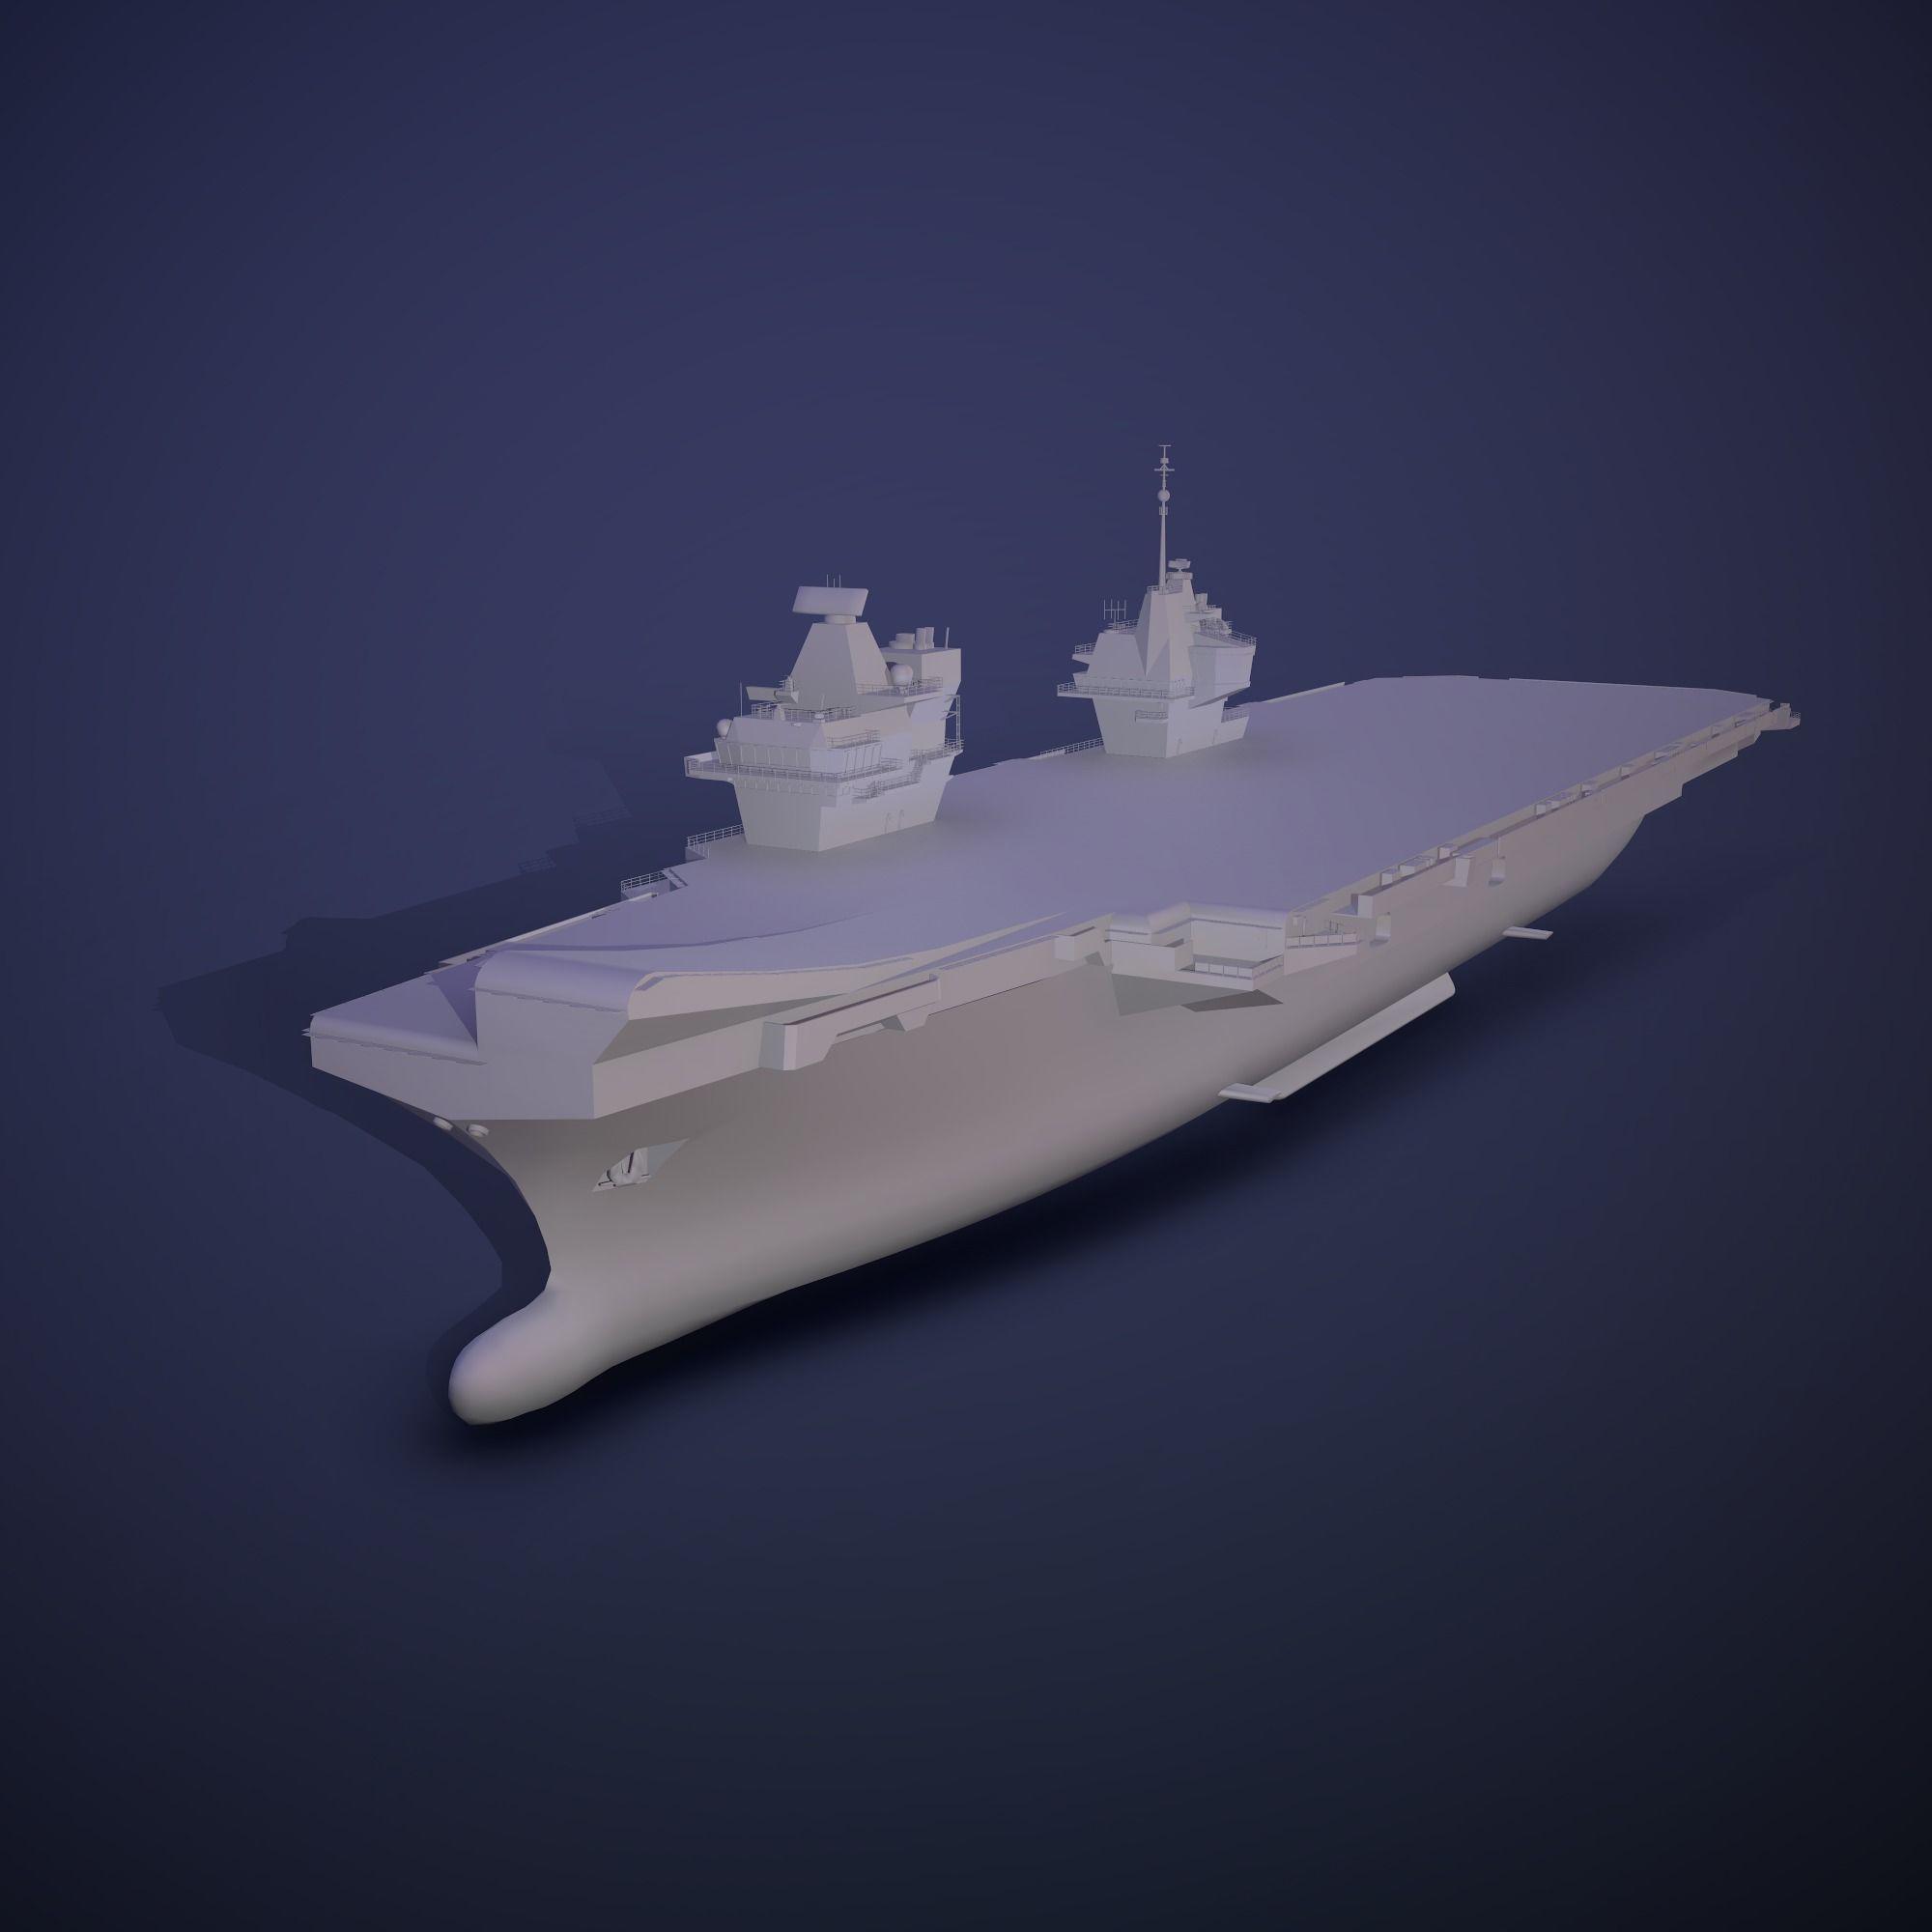 Queen Elizabeth class carriers